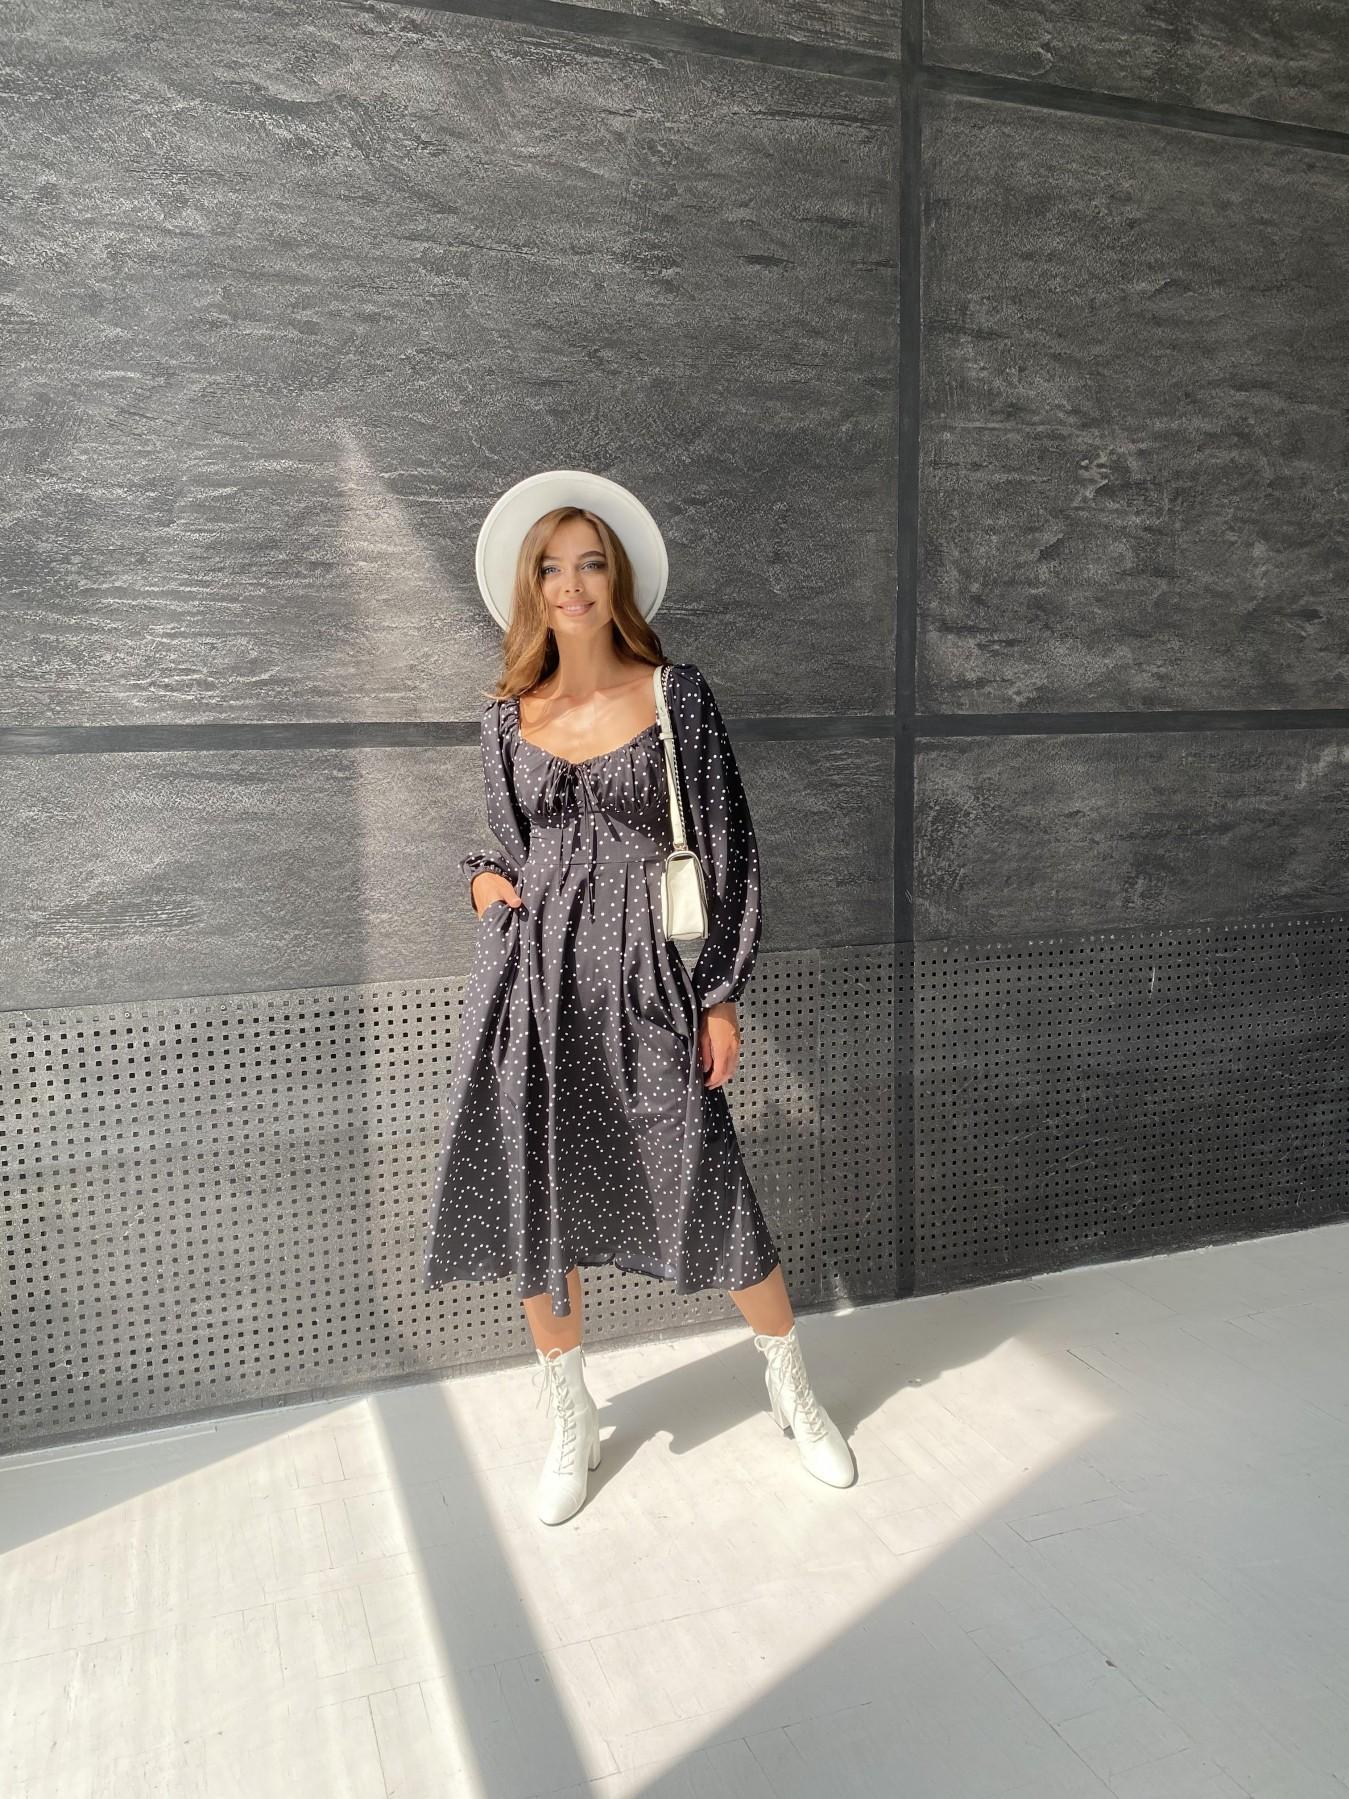 Кисес миди д/р софт принт стрейч платье 11732 АРТ. 48431 Цвет: Черный/Молоко/ГорохМел - фото 3, интернет магазин tm-modus.ru